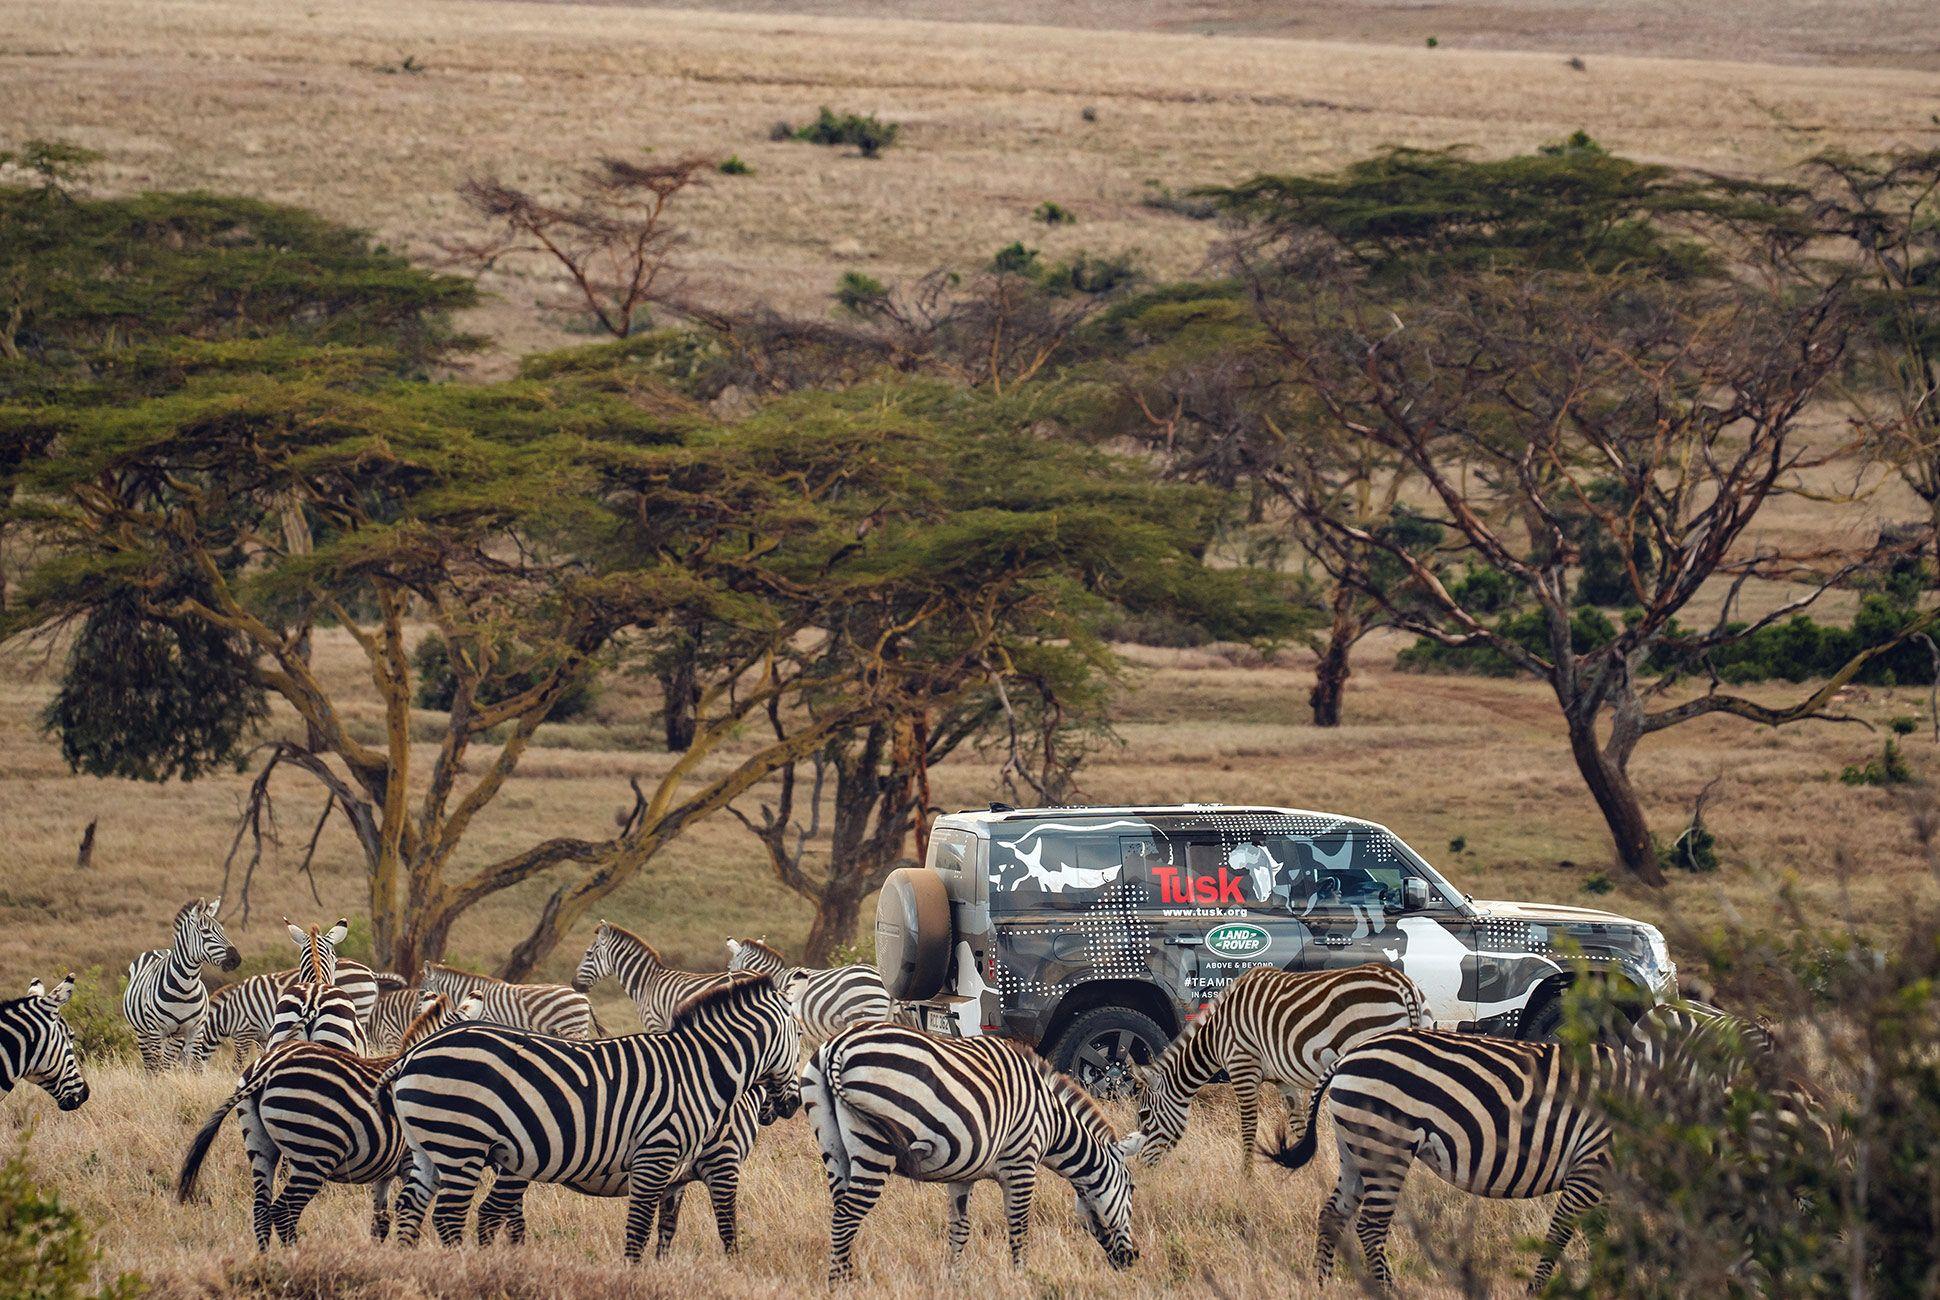 Land-Rover-Defender-Africa-Testing-gear-patrol-slide-2